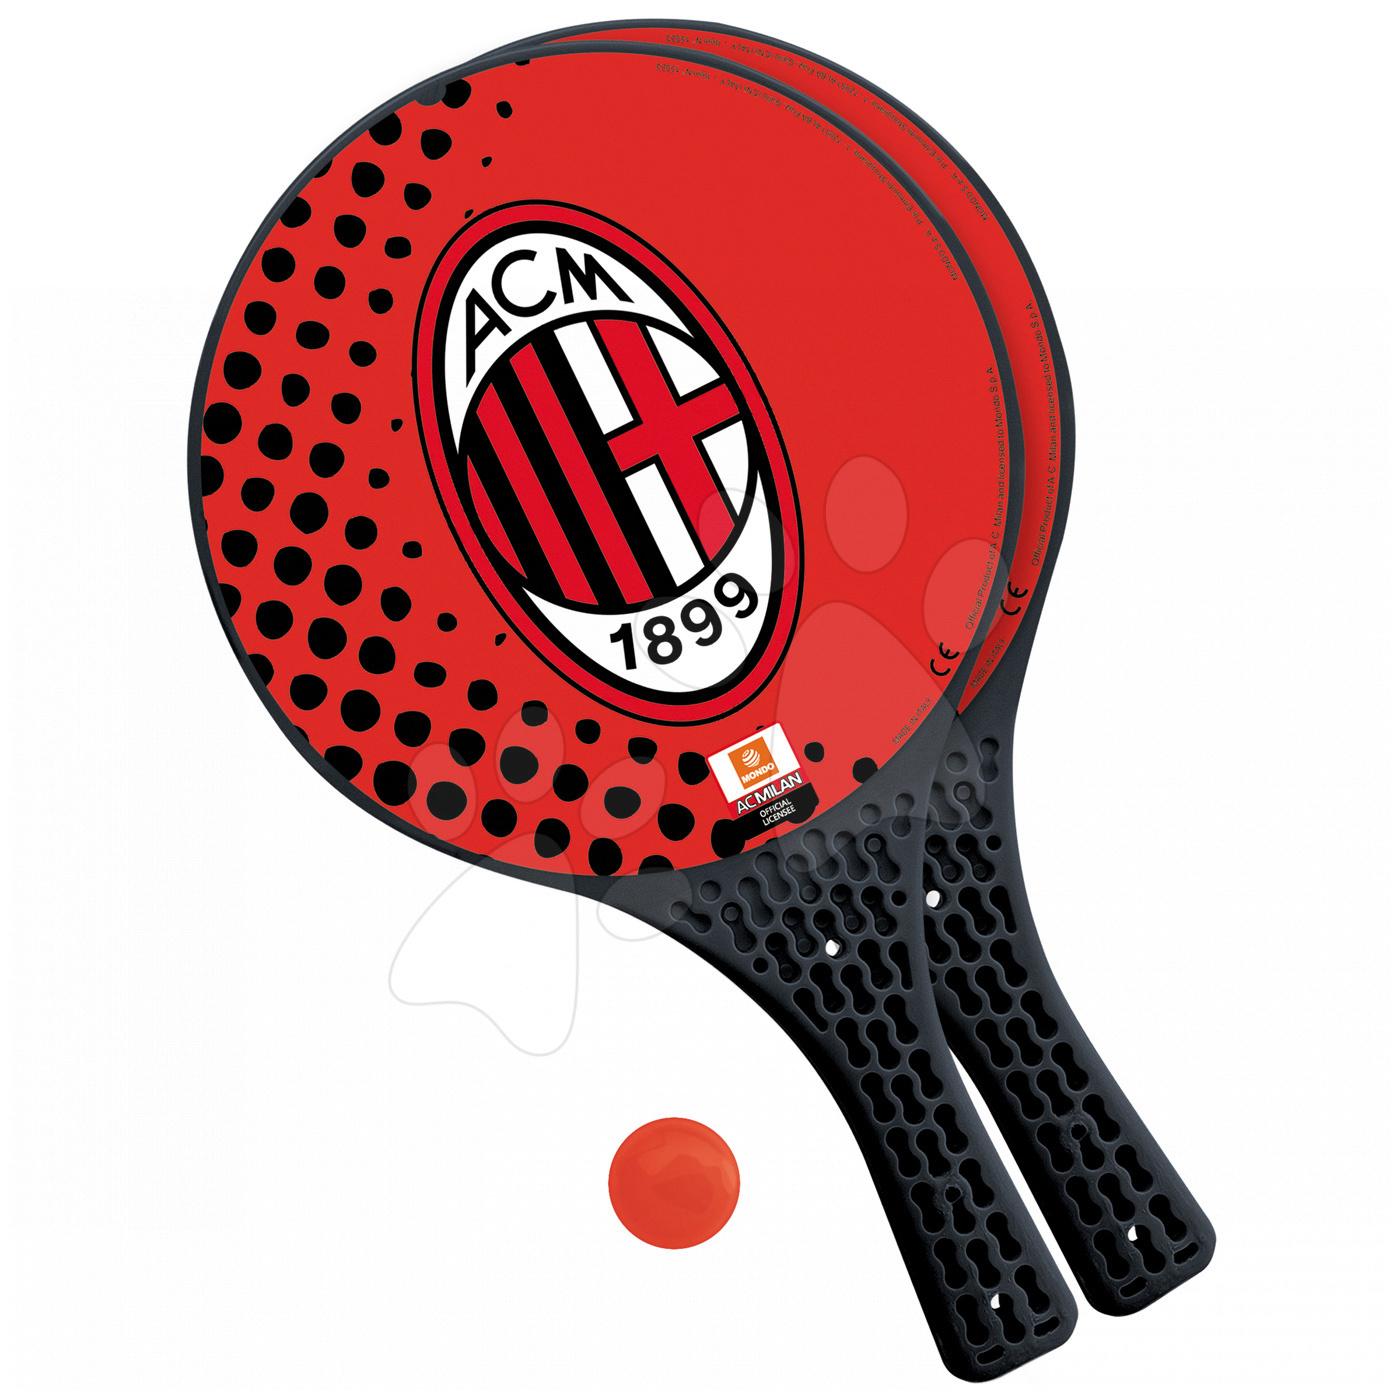 Plážový tenis A. C. Milano Mondo s 2 raketami a míčkem červený